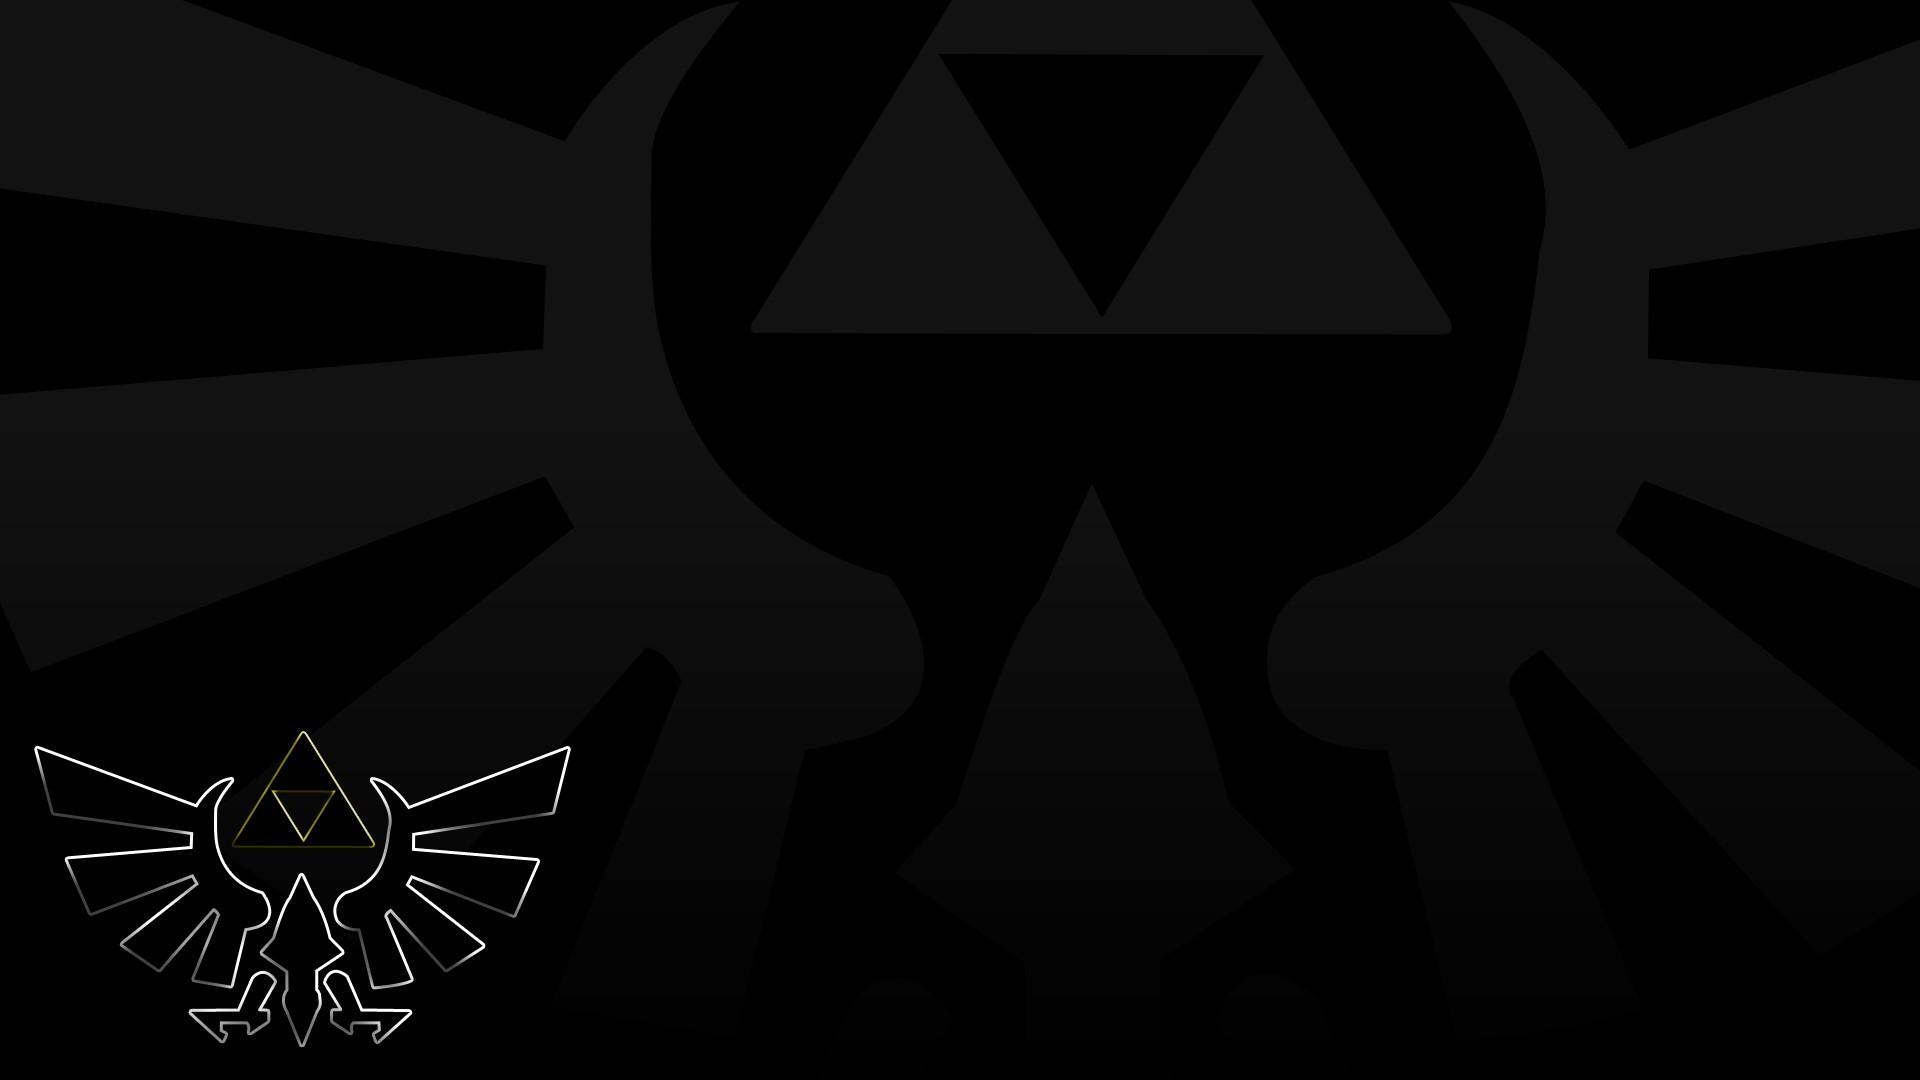 Triforce The Legend Of Zelda wallpapers HD   452034 1920x1080